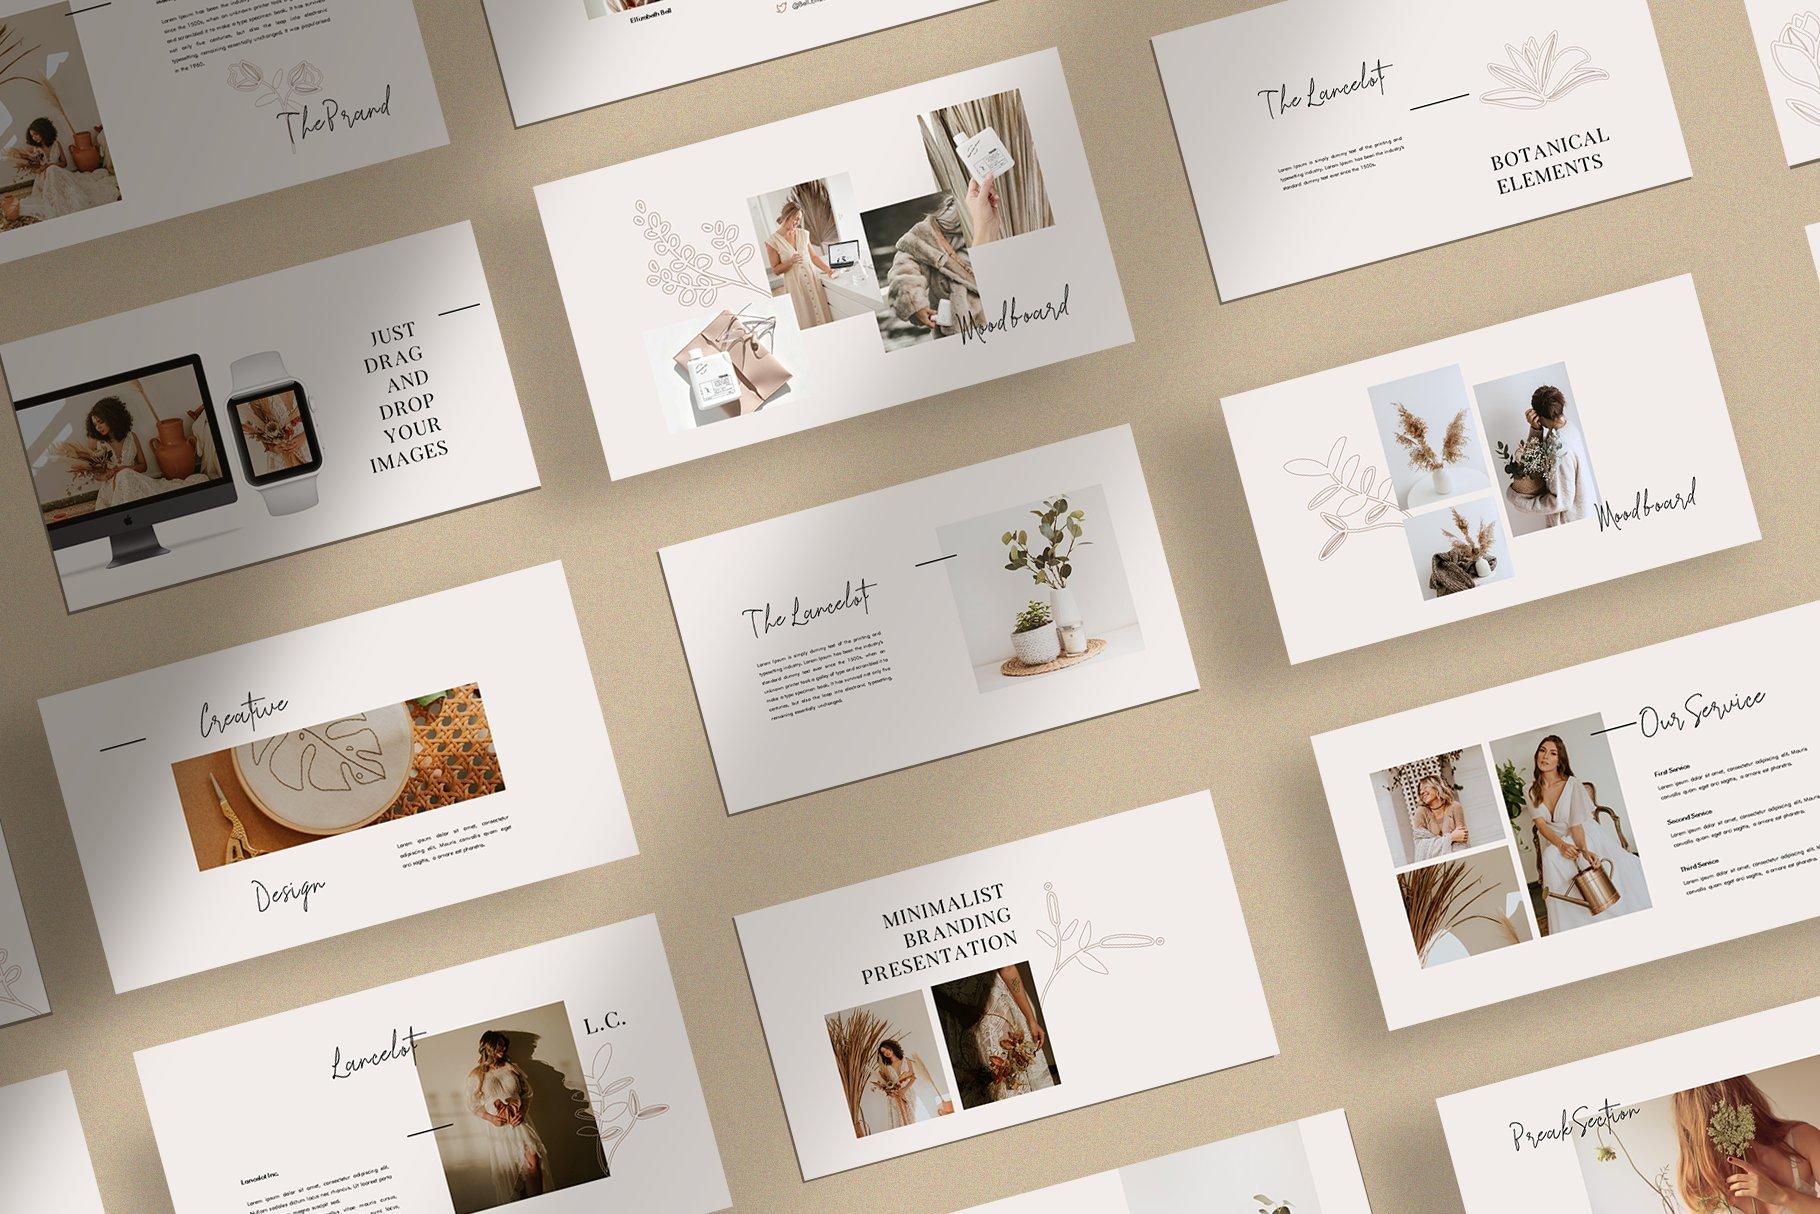 时尚简约女性服装摄影作品集PPT幻灯片模板 Lancelot Presentation Template插图